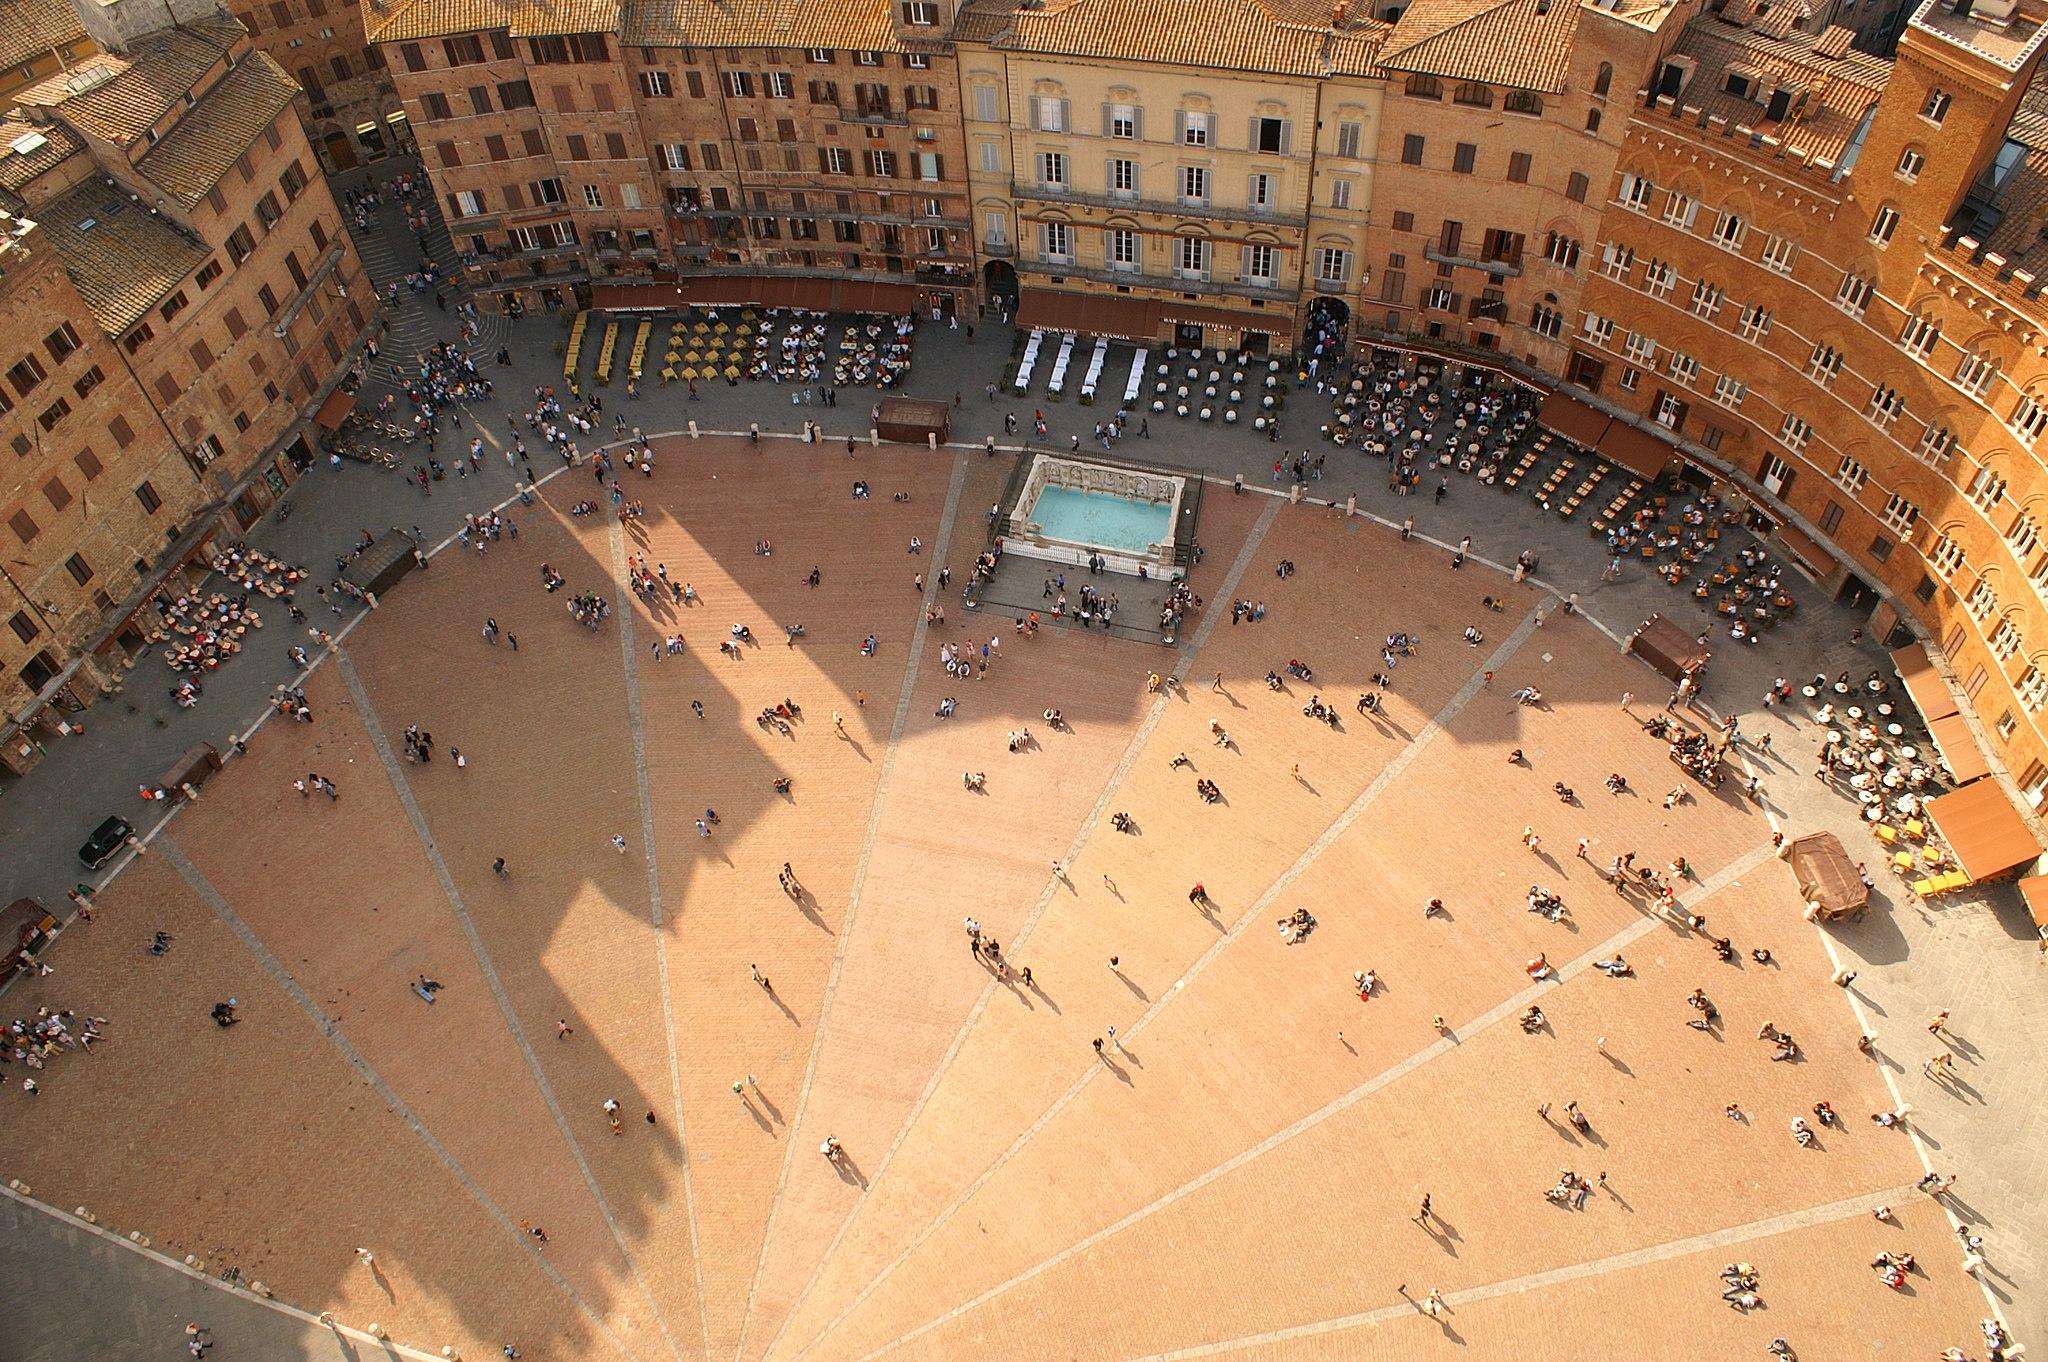 ISiena, Piazza del Campo met Fonte Gaia, gezien van de Torre del Mangia